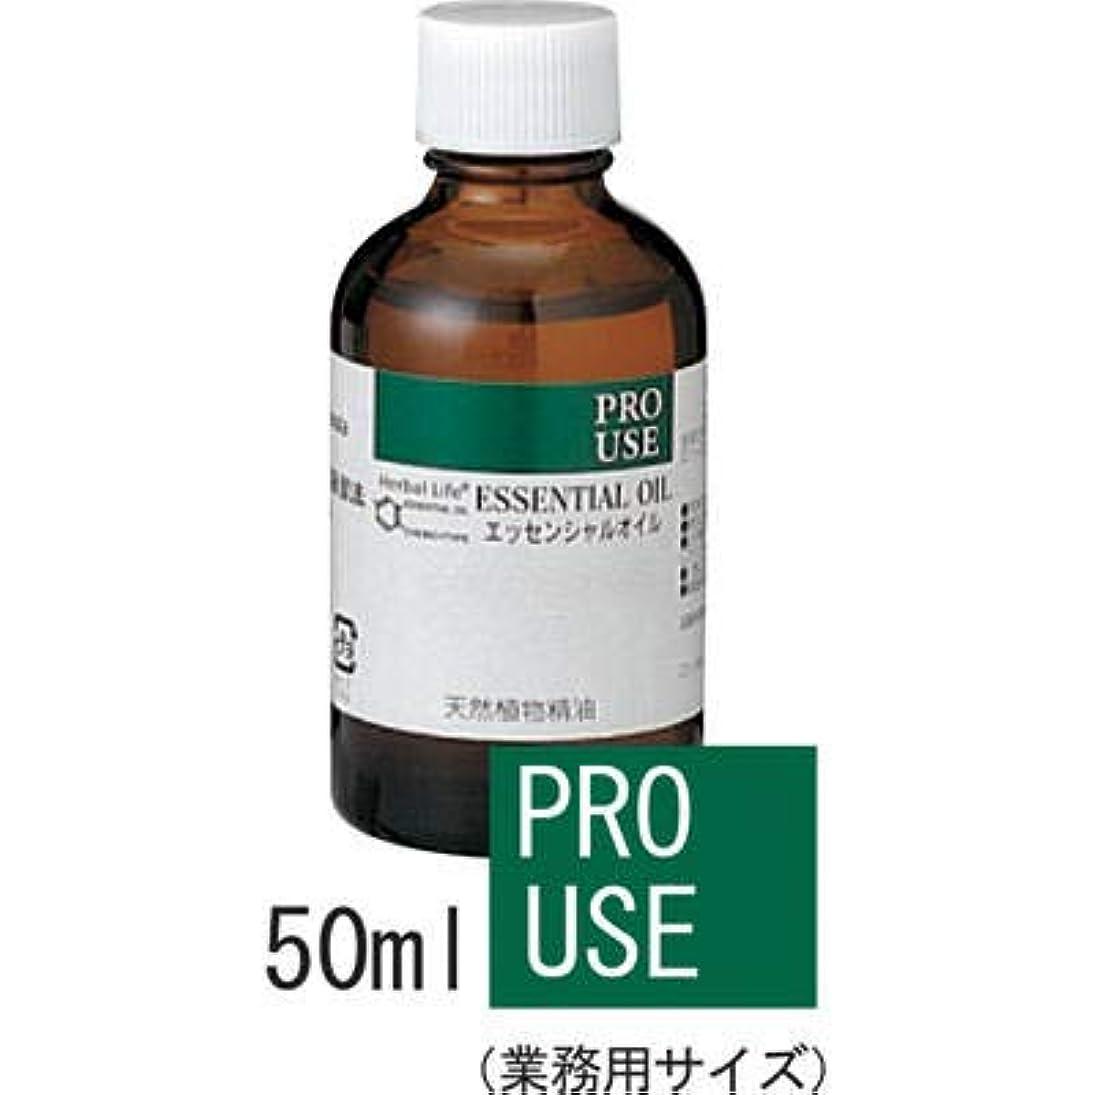 スティック上院鎮静剤エッセンシャルオイル(精油) フランキンセンス(乳香、オリバナム) 50ml 【生活の木】